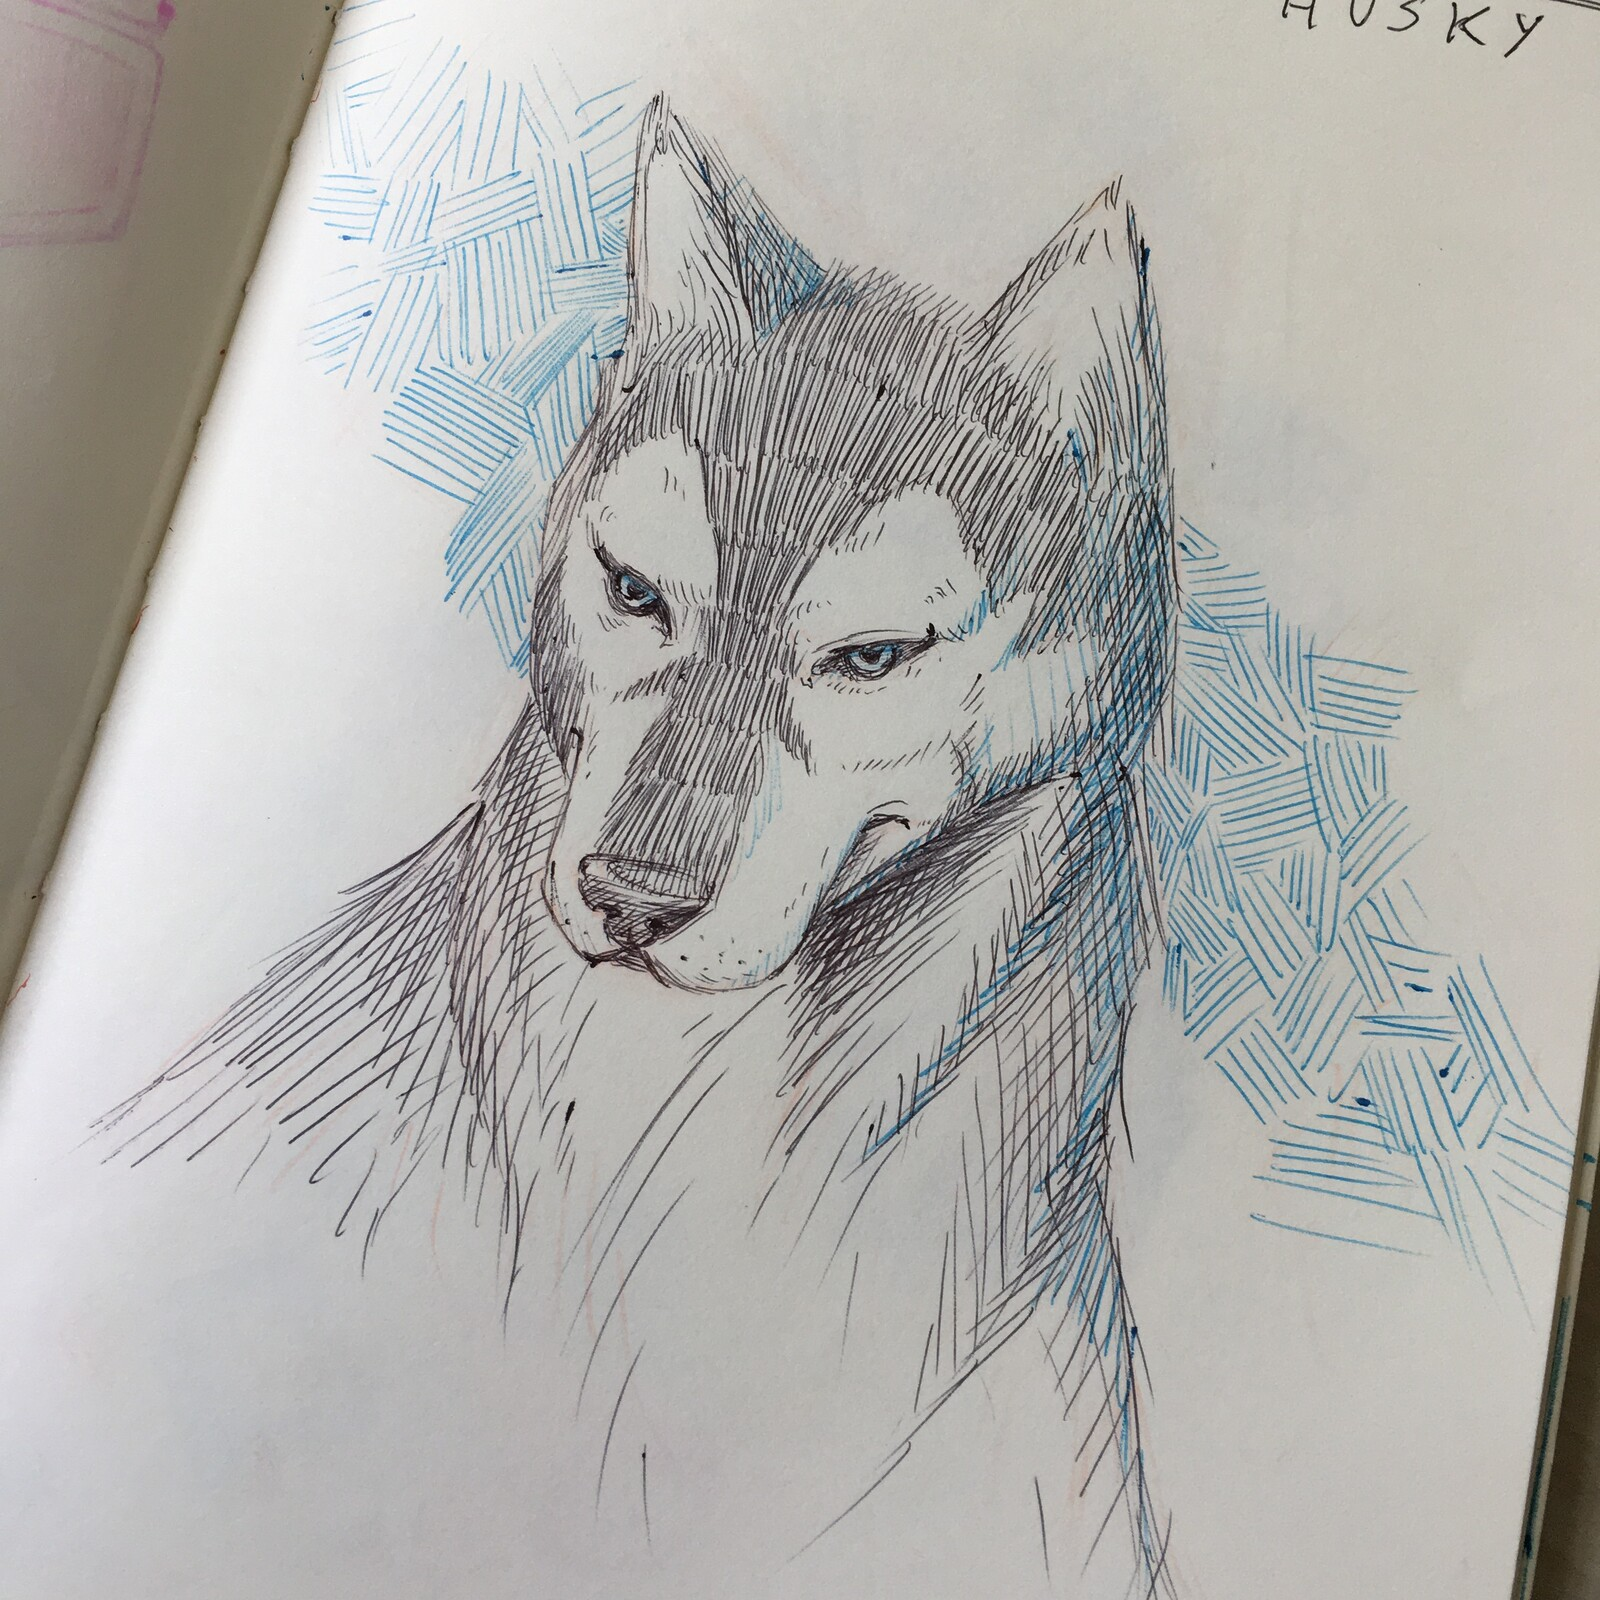 06-Husky